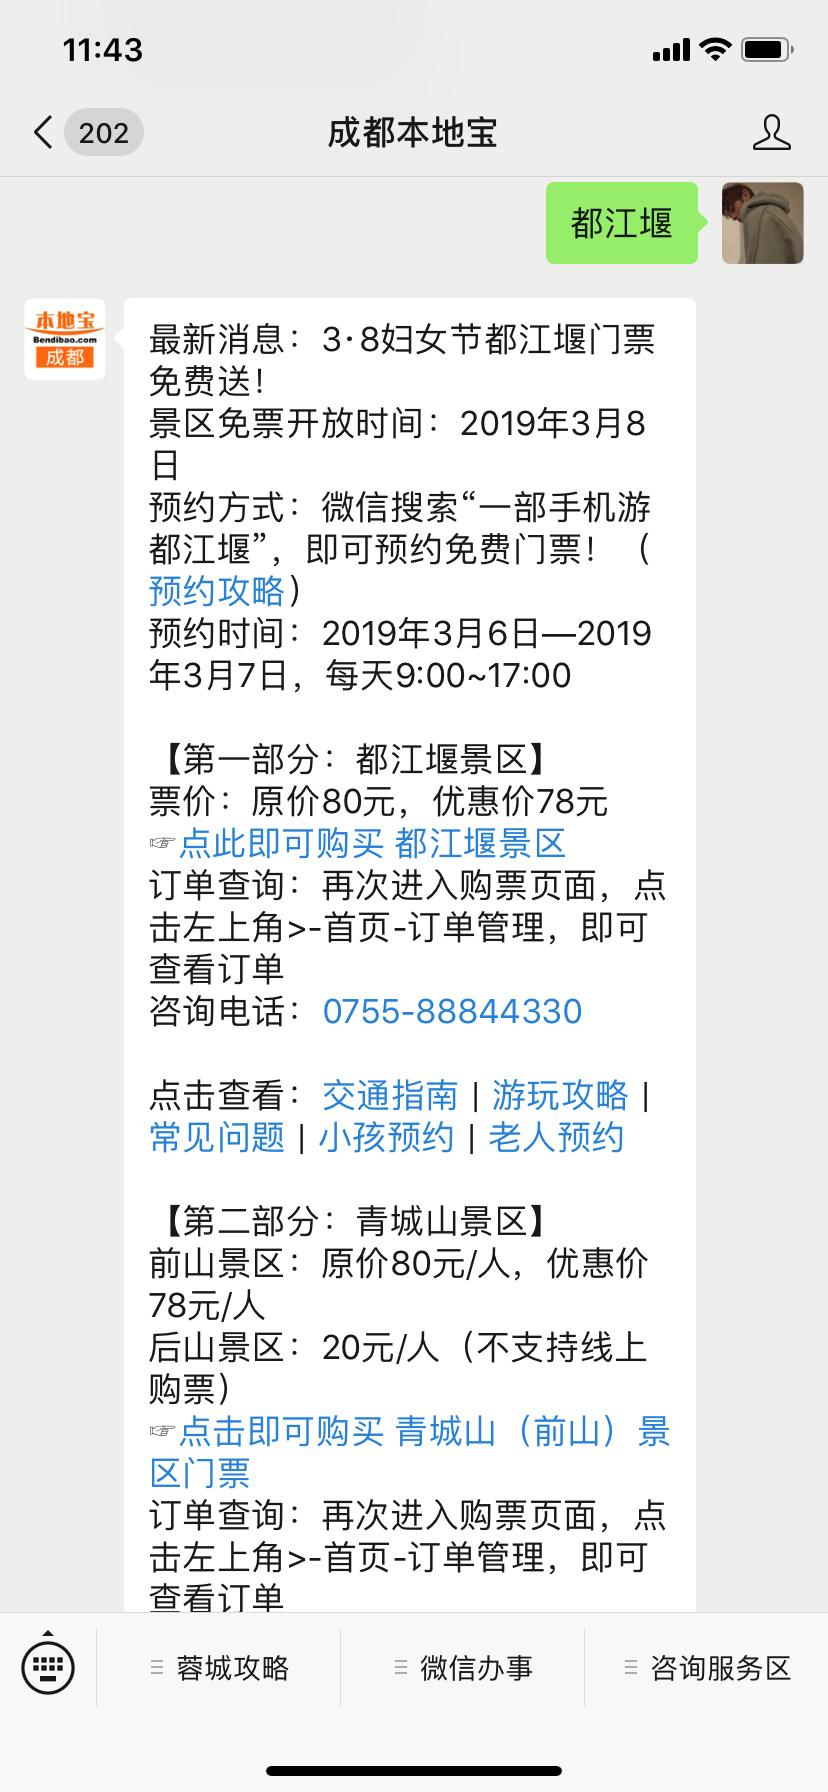 2019都江堰景区三八节免费门票预约时间